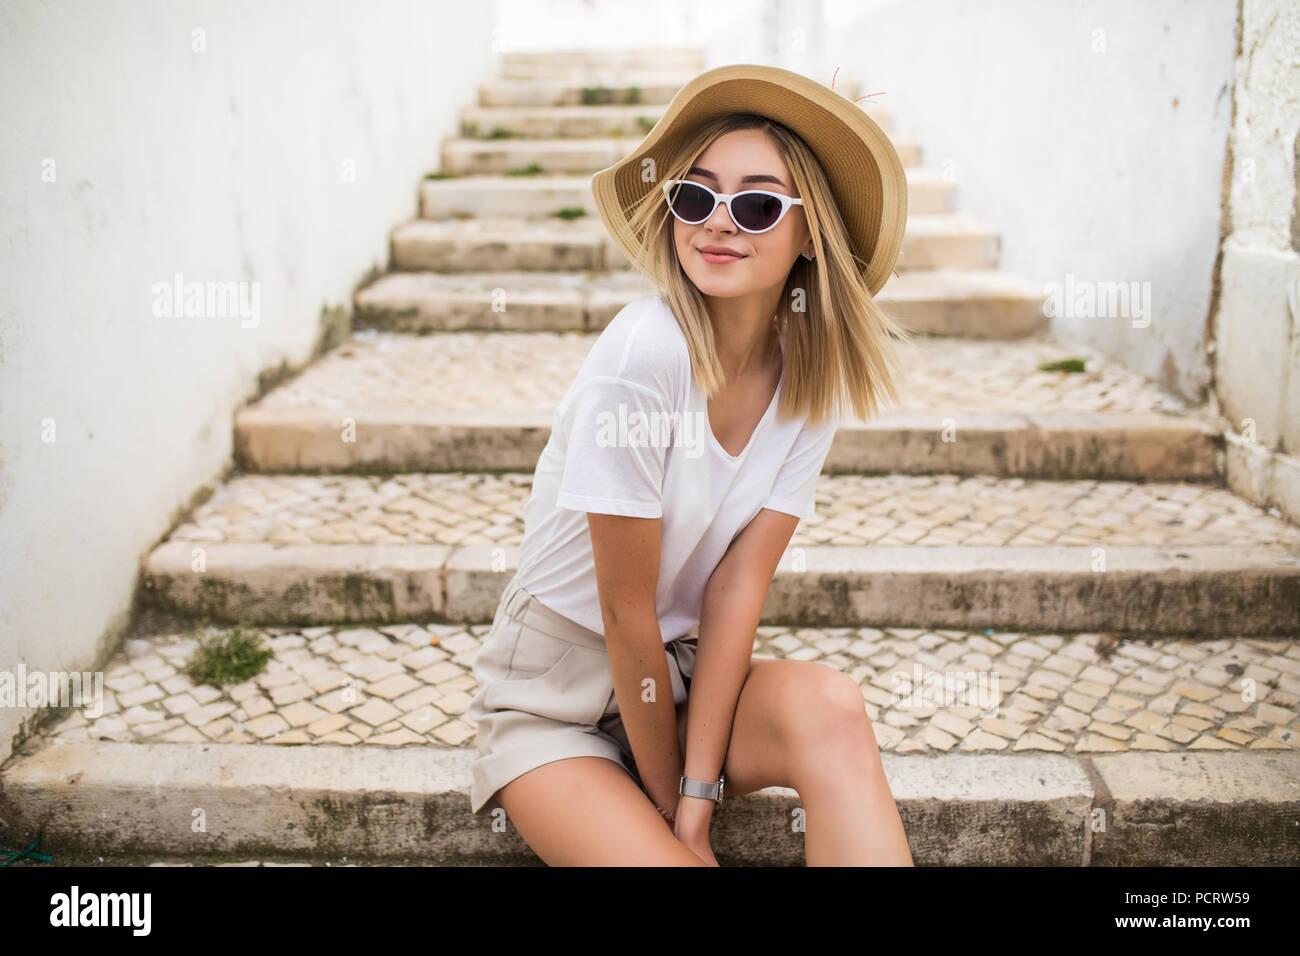 83a77fd55 Joven y bella mujer caucásica sonriendo en el contexto urbano. Chica rubia  vistiendo ropa casual